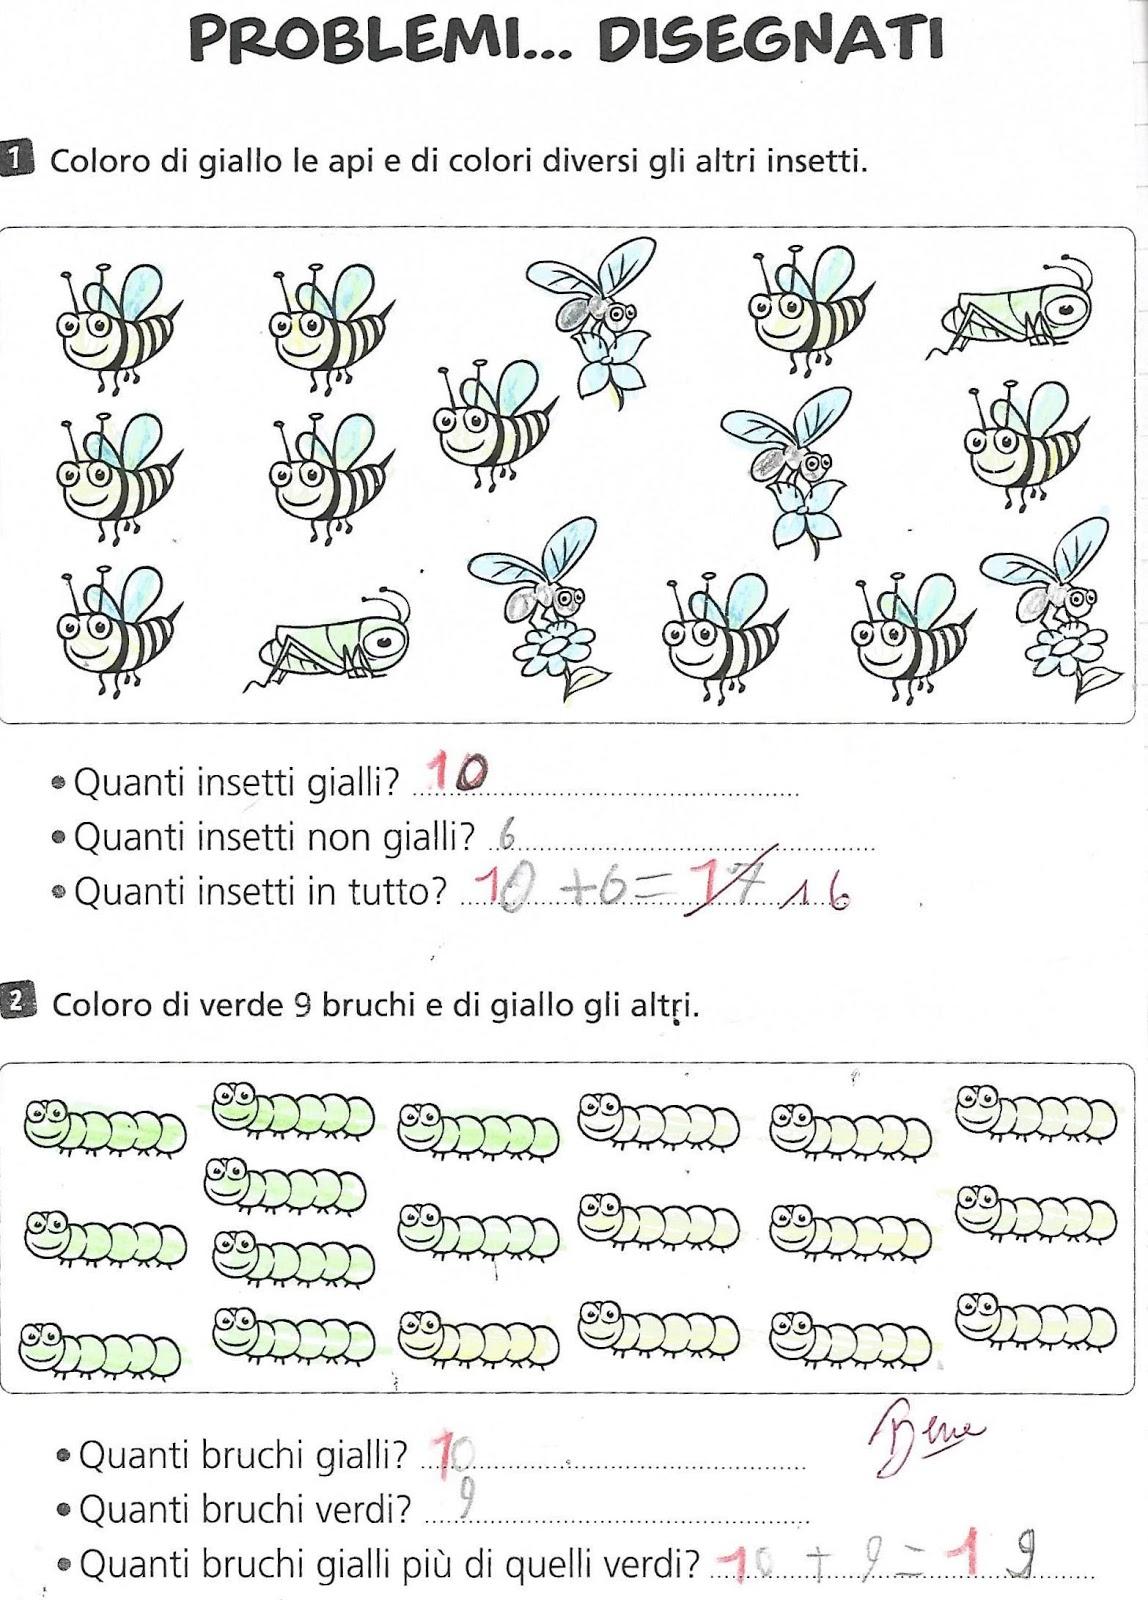 Problemi con illustrazione per la classe prima della ...